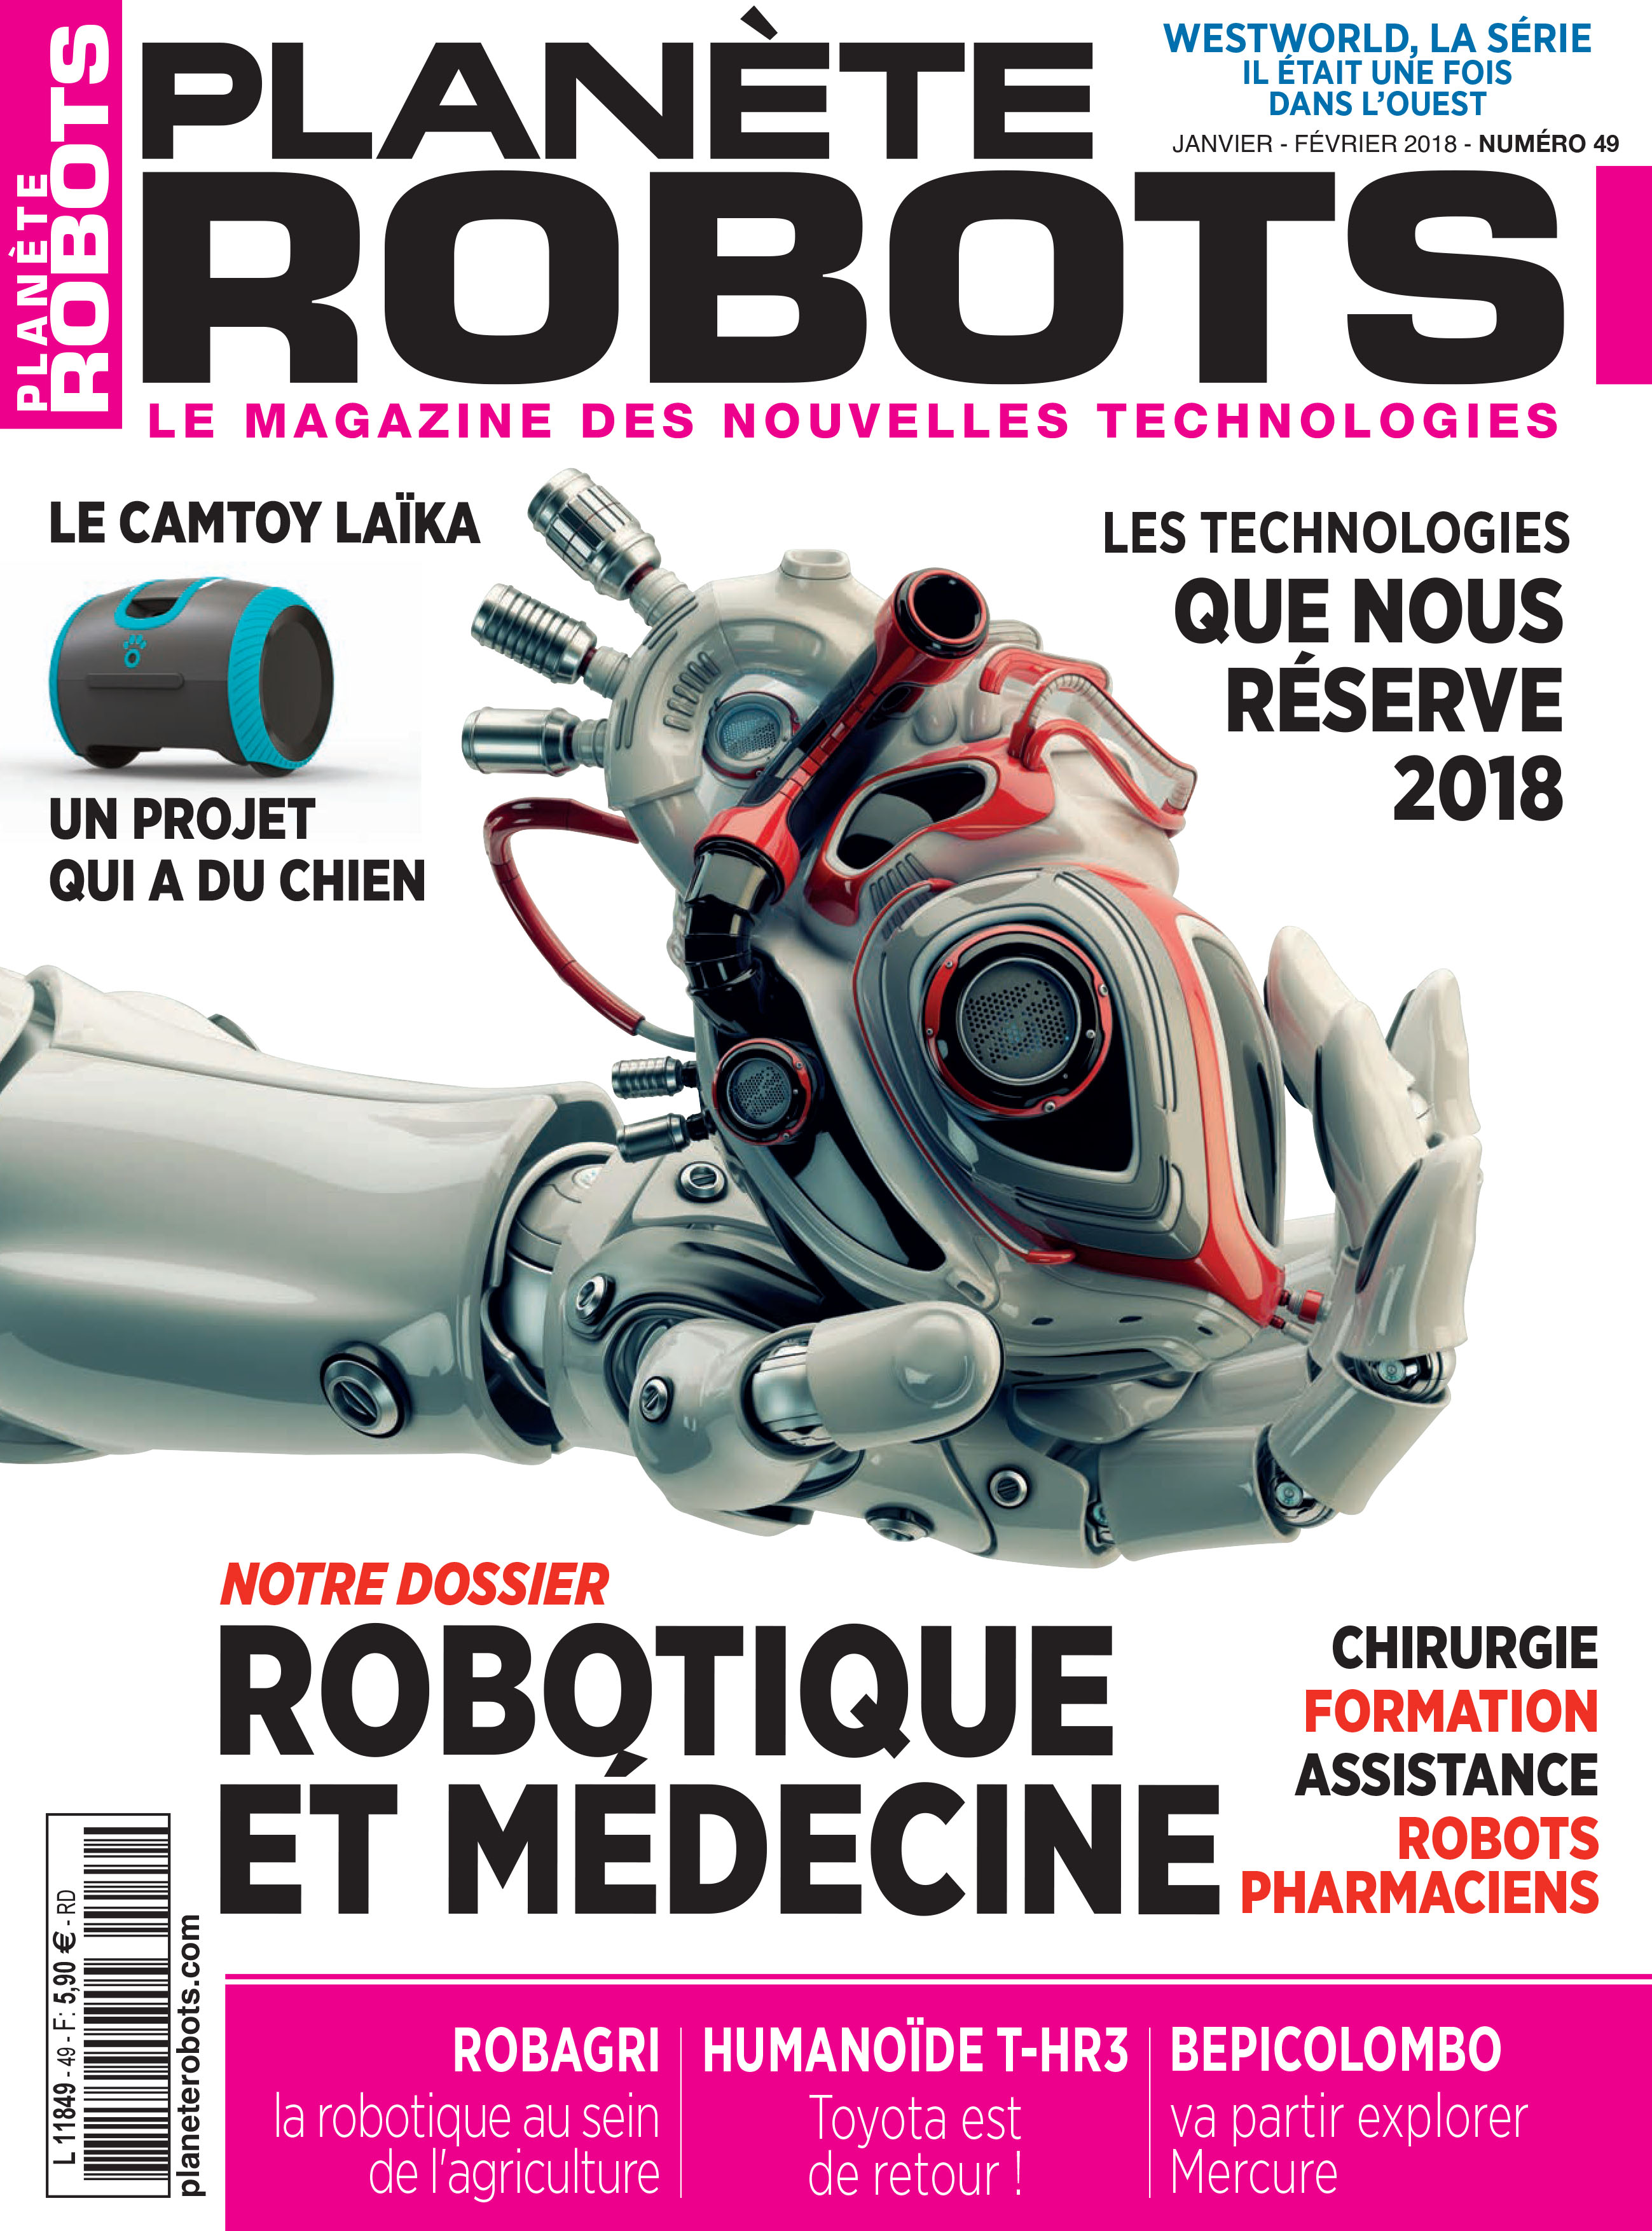 Planète Robots 49